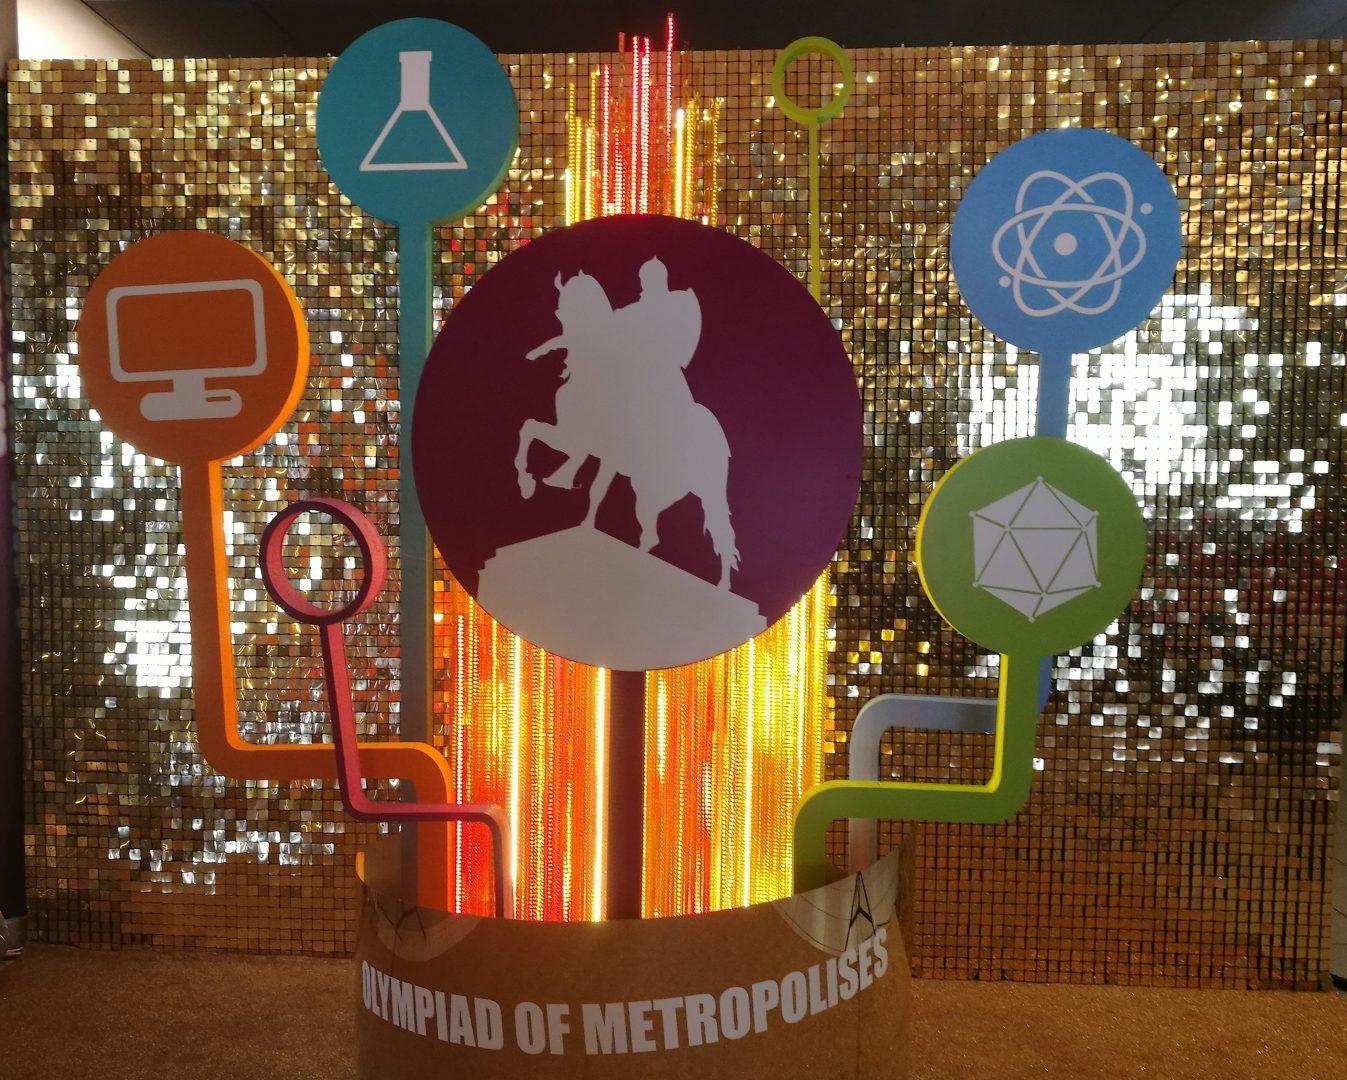 Итоги Международной олимпиады подвели в Москве. Фото: Денис Кондратьев